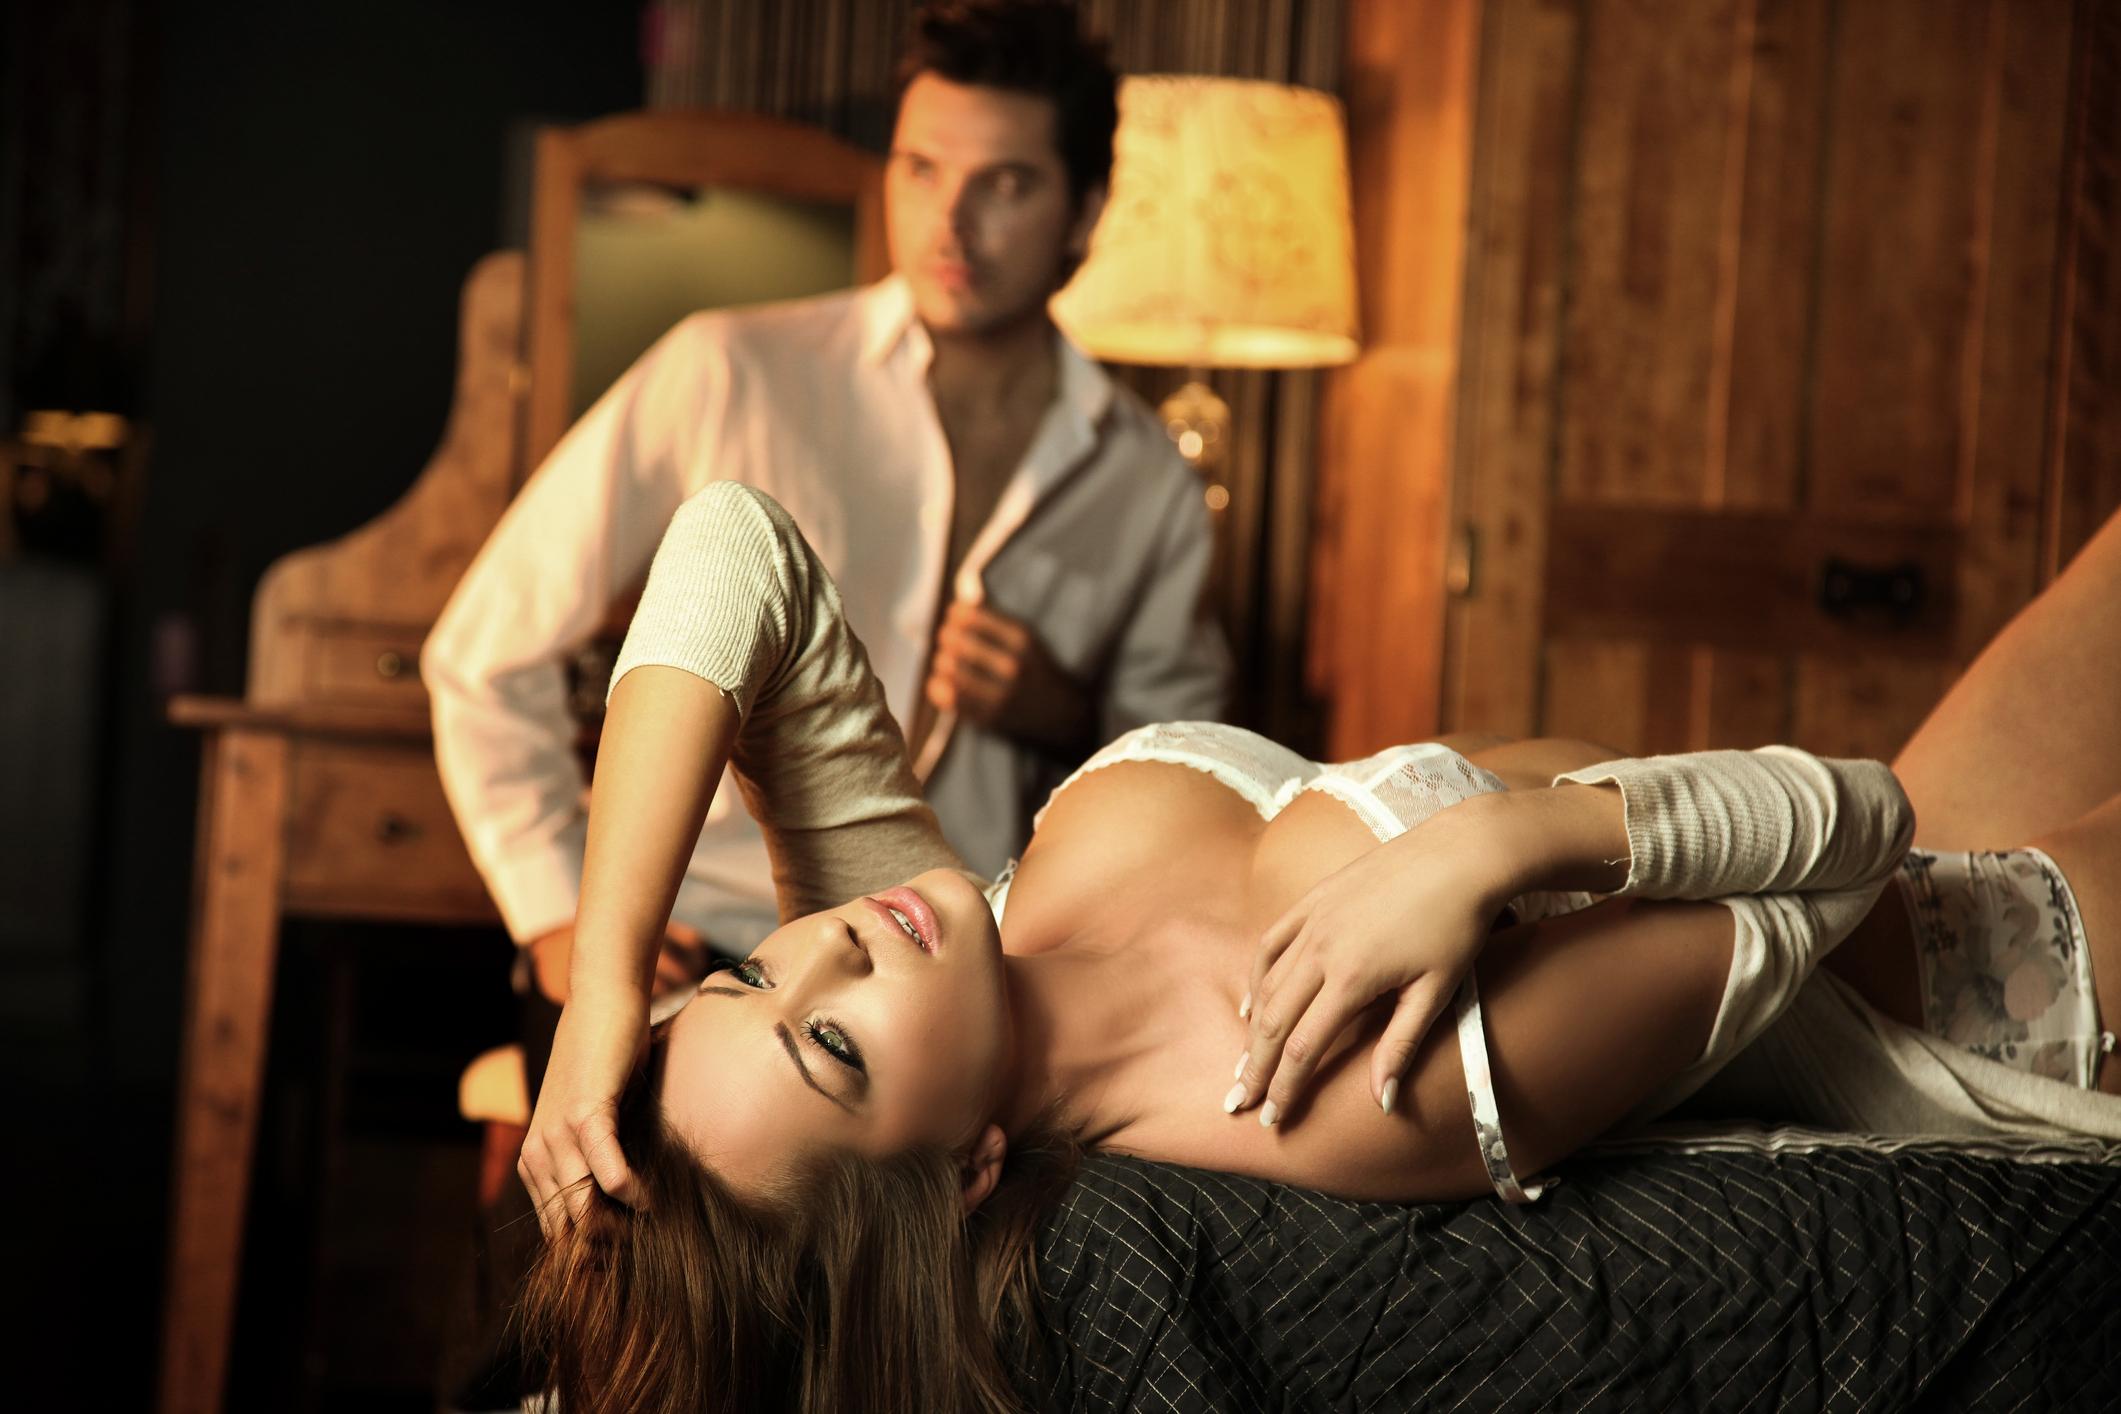 Девушка красиво снимает белье и танцует перед нерешительным мужчиной соблазняя его